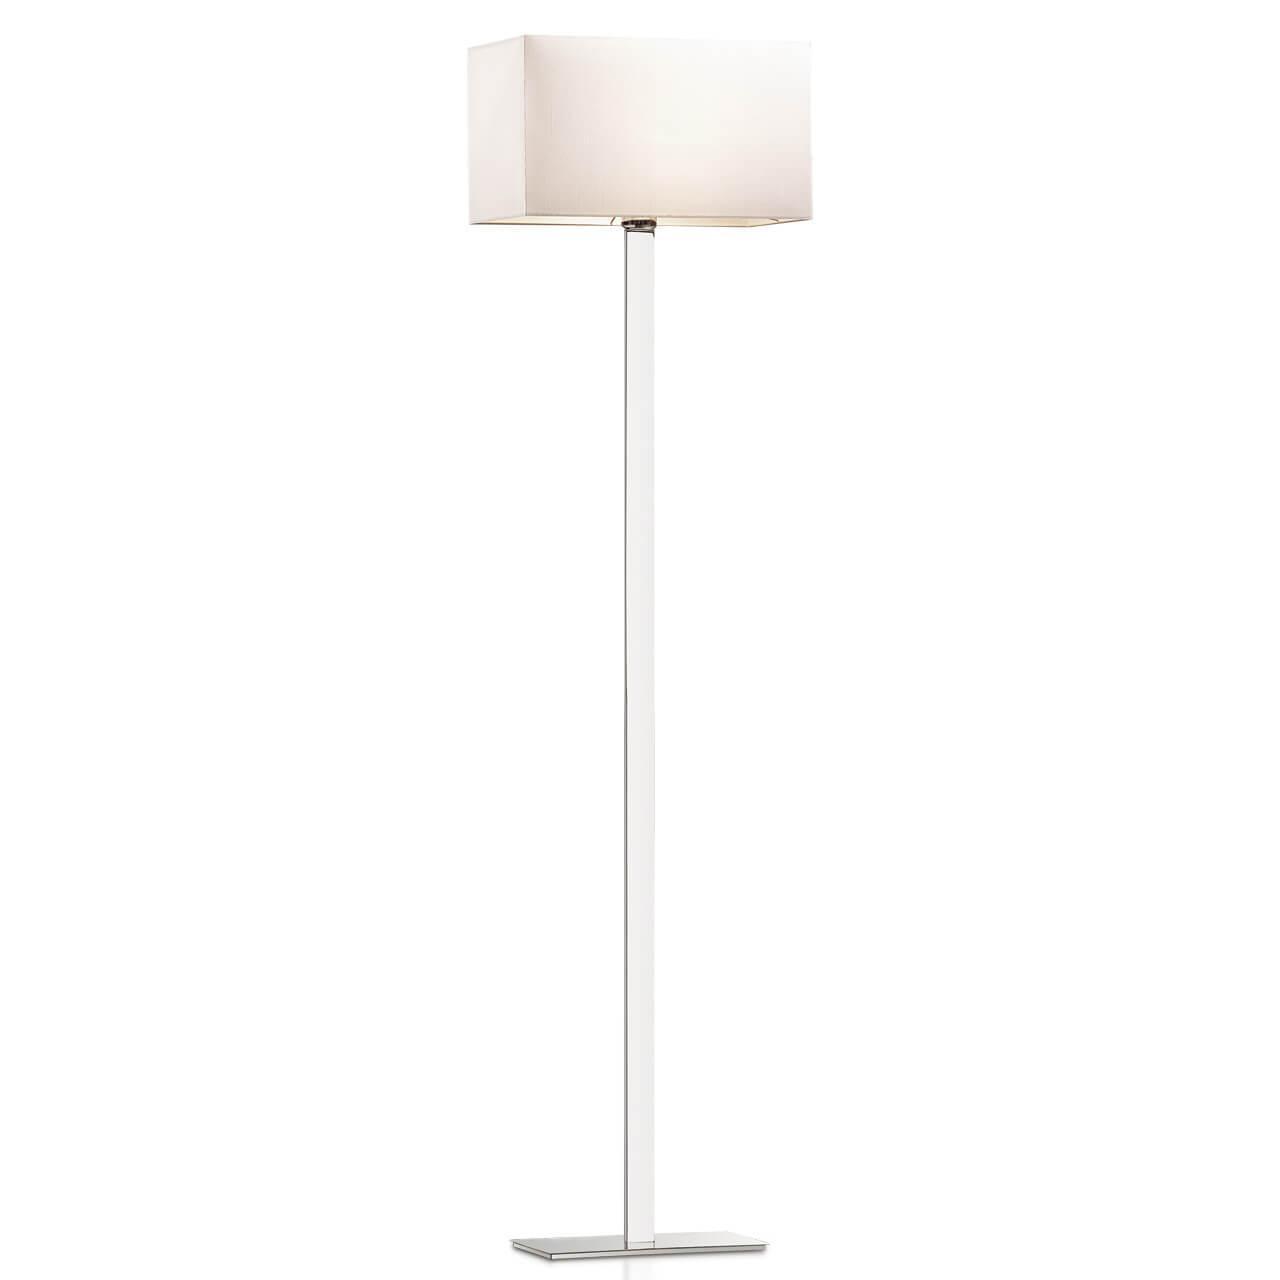 Напольный светильник Odeon Light 2421/1F, E27, 60 Вт цена